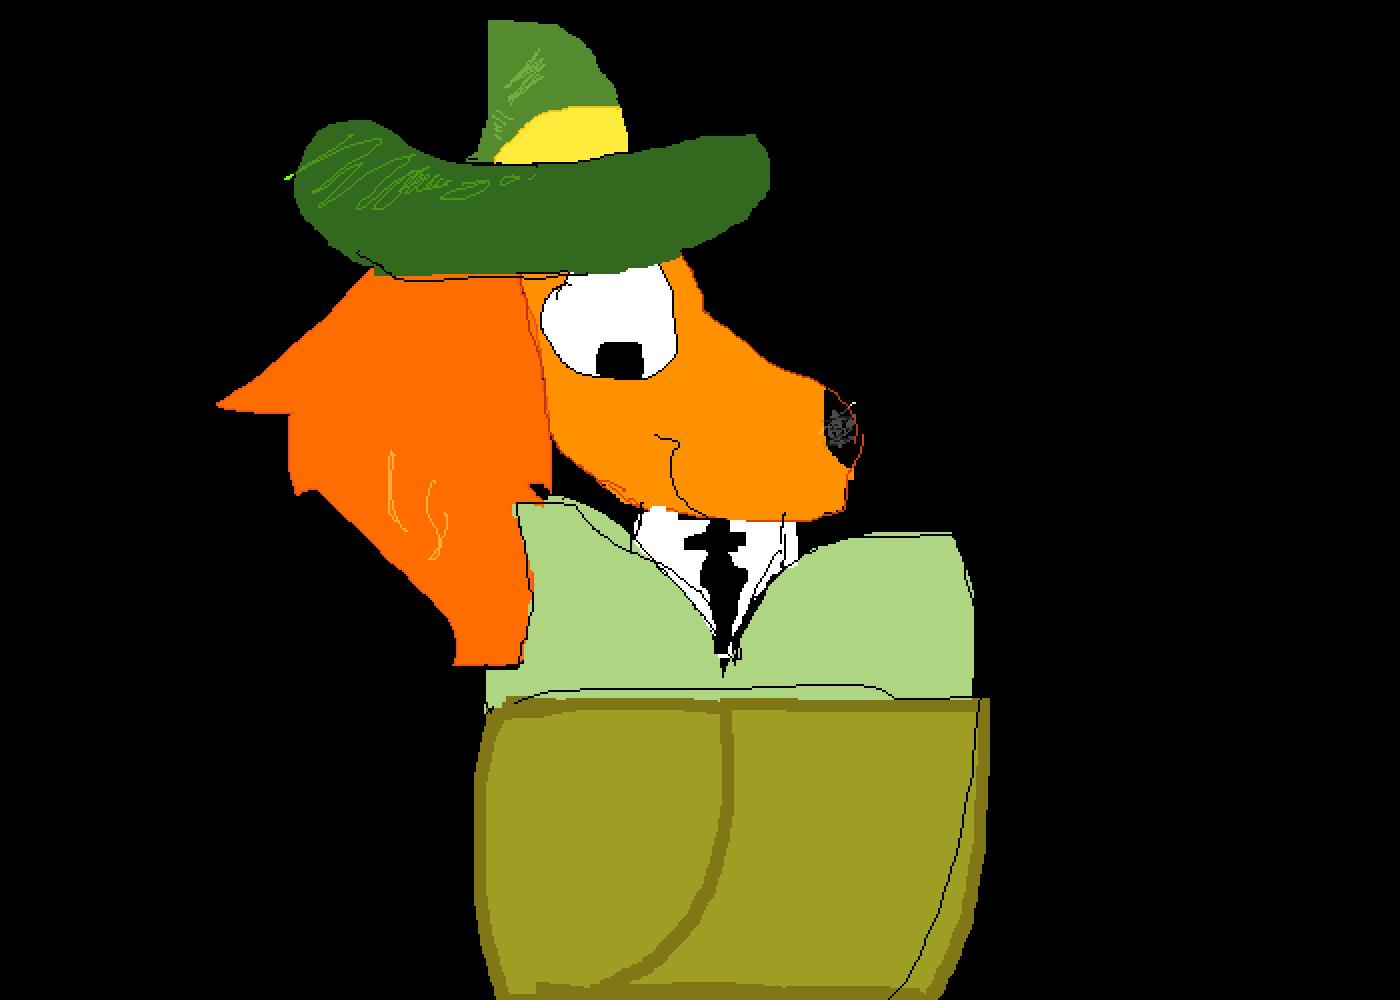 uwu i drew de dog from mary poppins returns by DakotaChase15